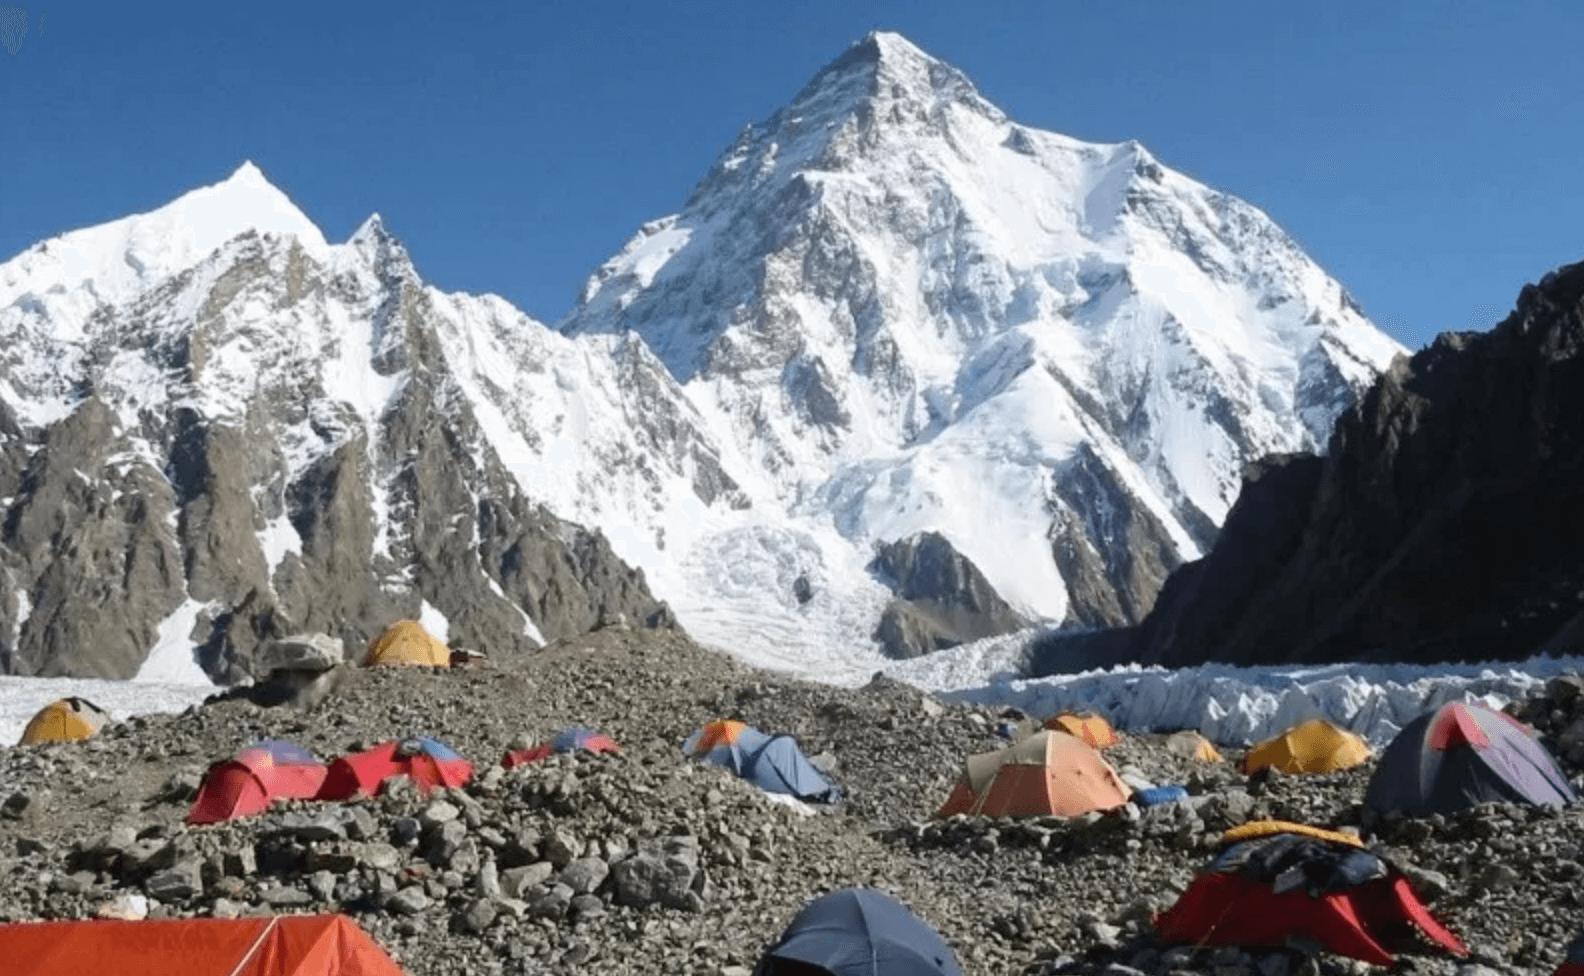 K2 Climbing K2 Expedition 55 Days Hohenbergsteigen